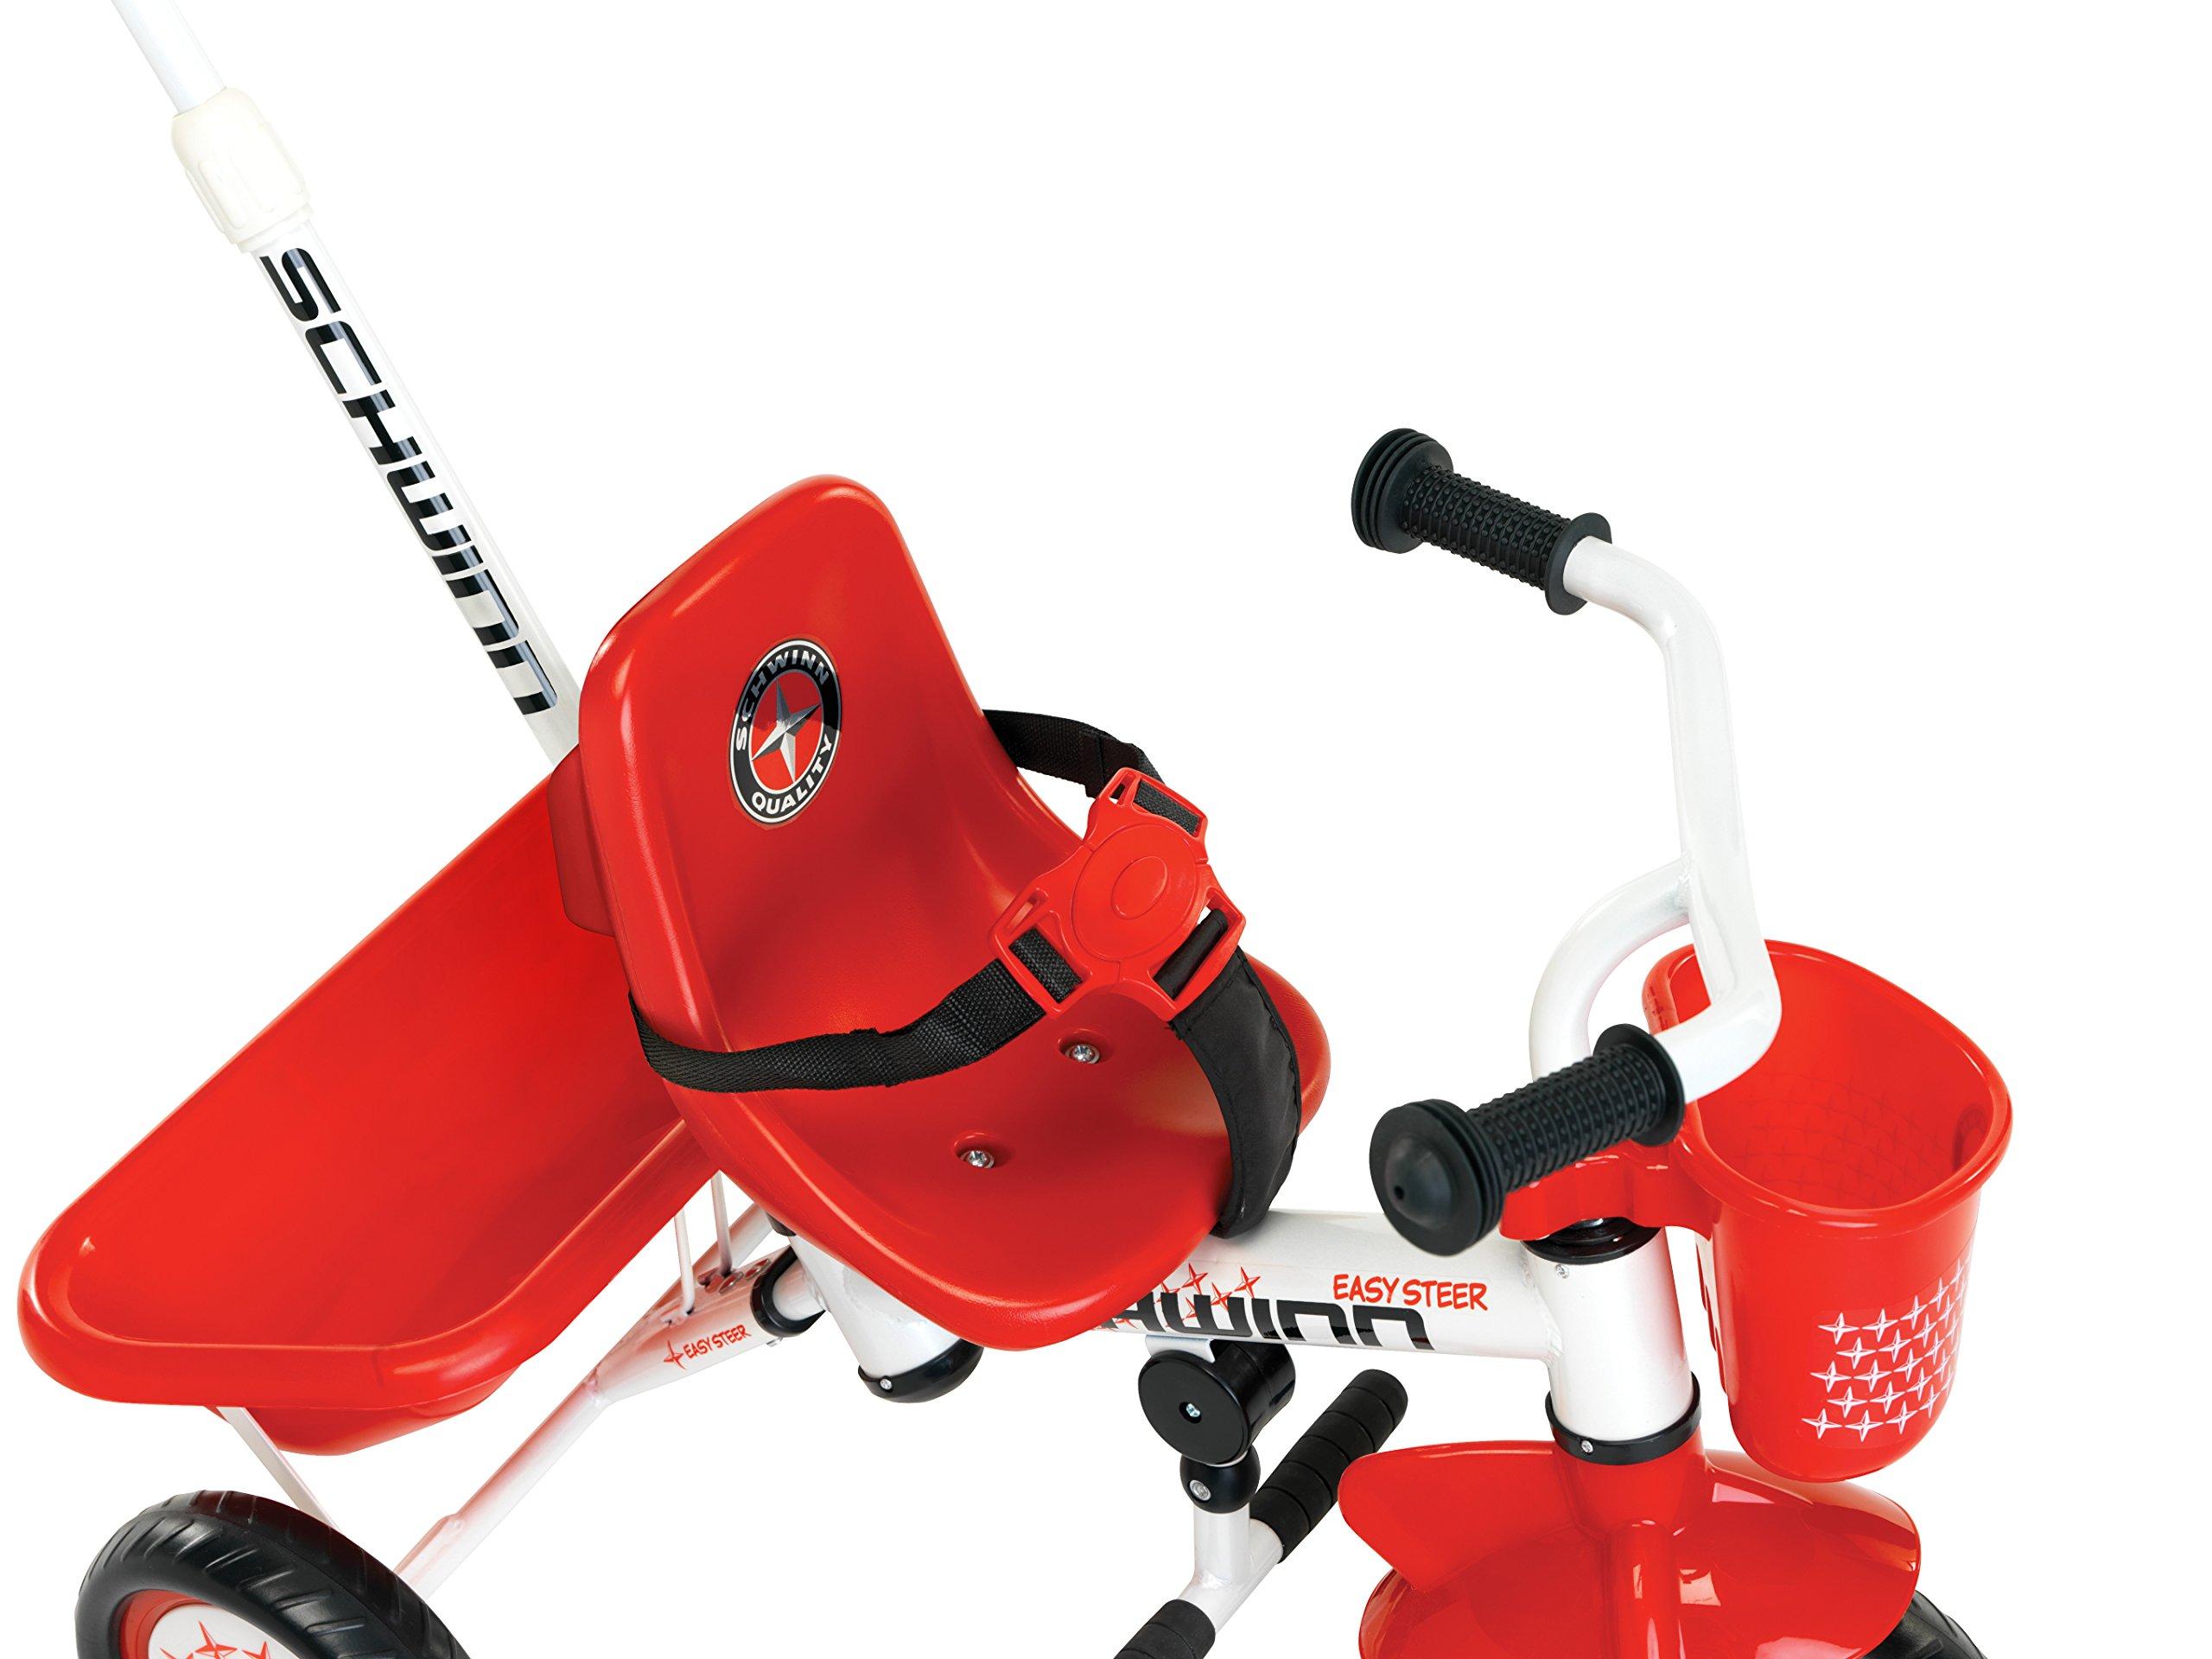 Schwinn Easy Steer Tricycle, Red/White by Schwinn (Image #2)